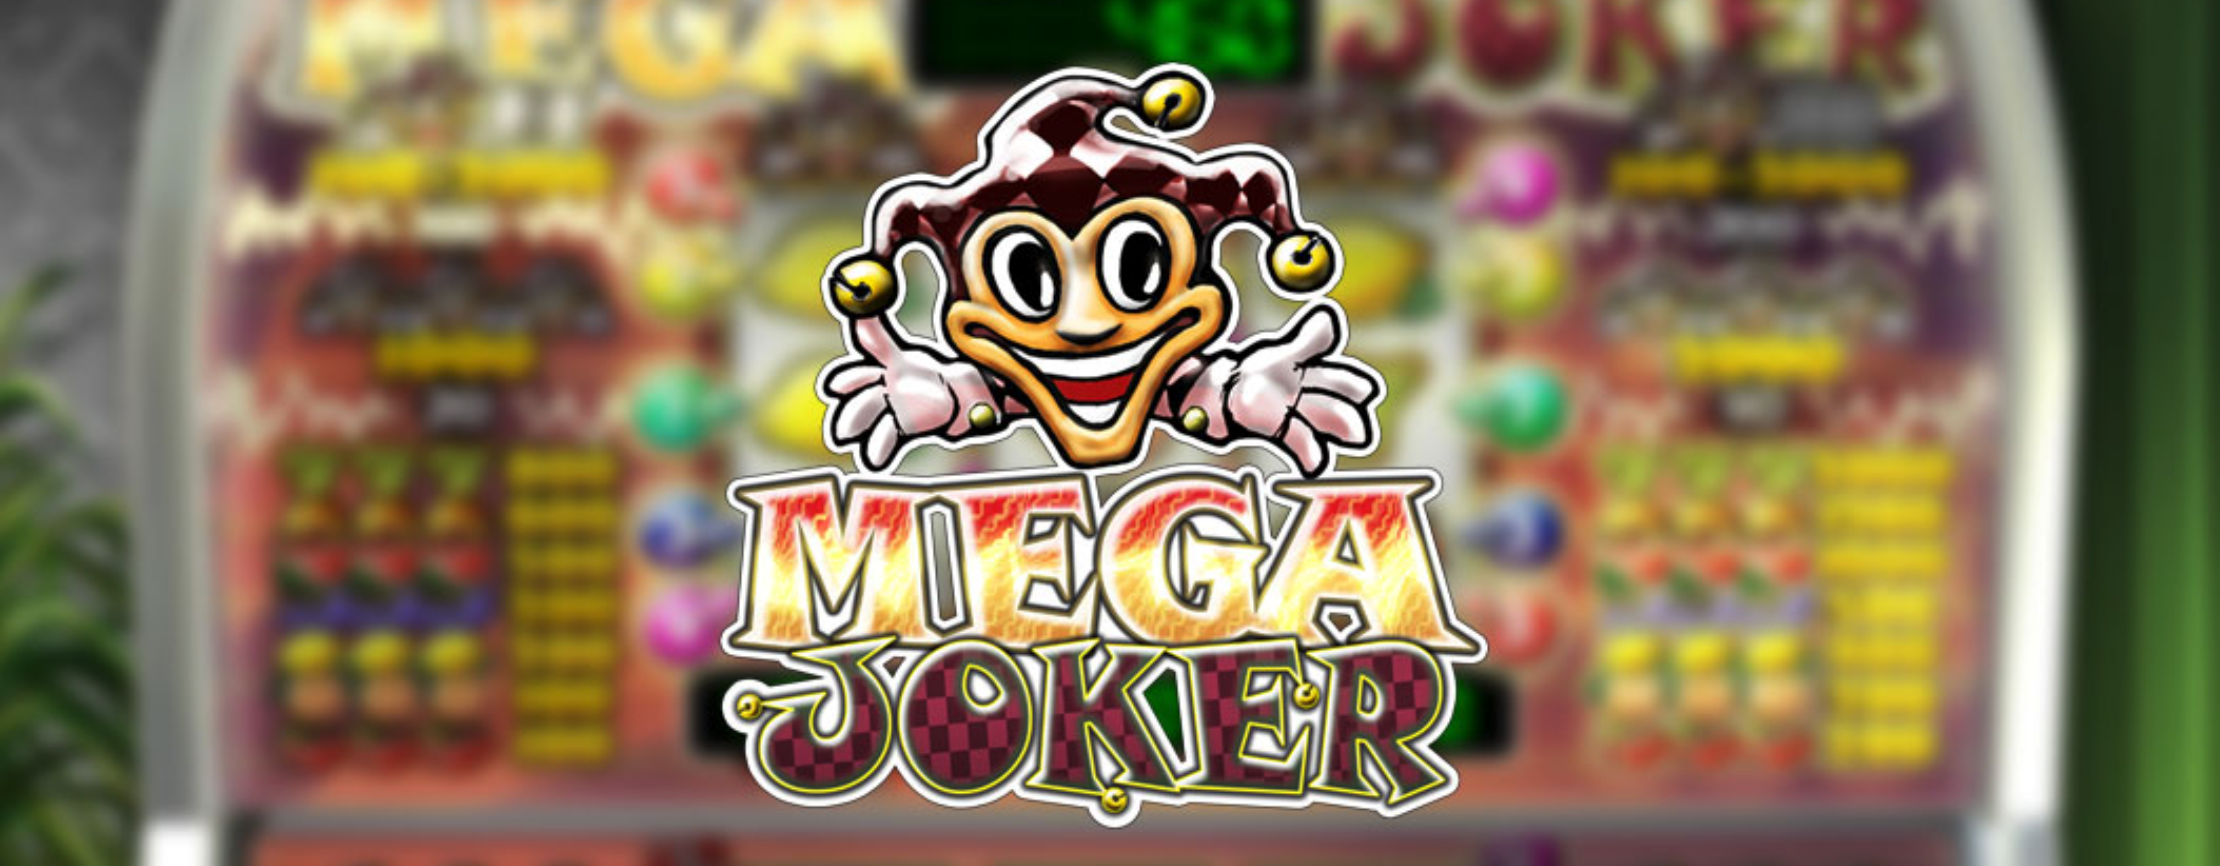 Norske spilleautomater mega joker